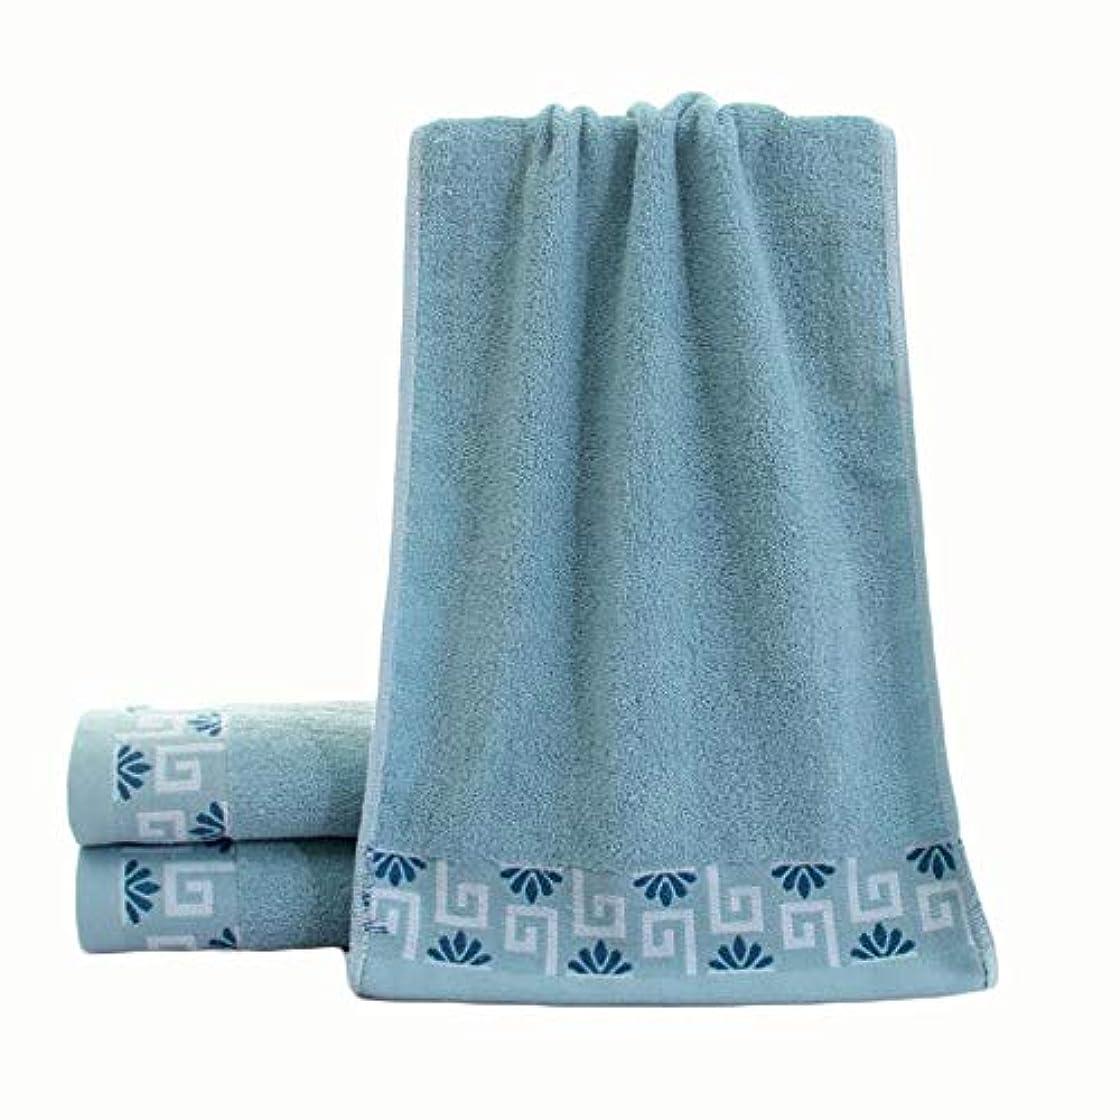 分注する衝突するタイムリーなCXUNKK 2PCS / LOT家庭用綿肥厚ソフトタオル (Color : Blue)